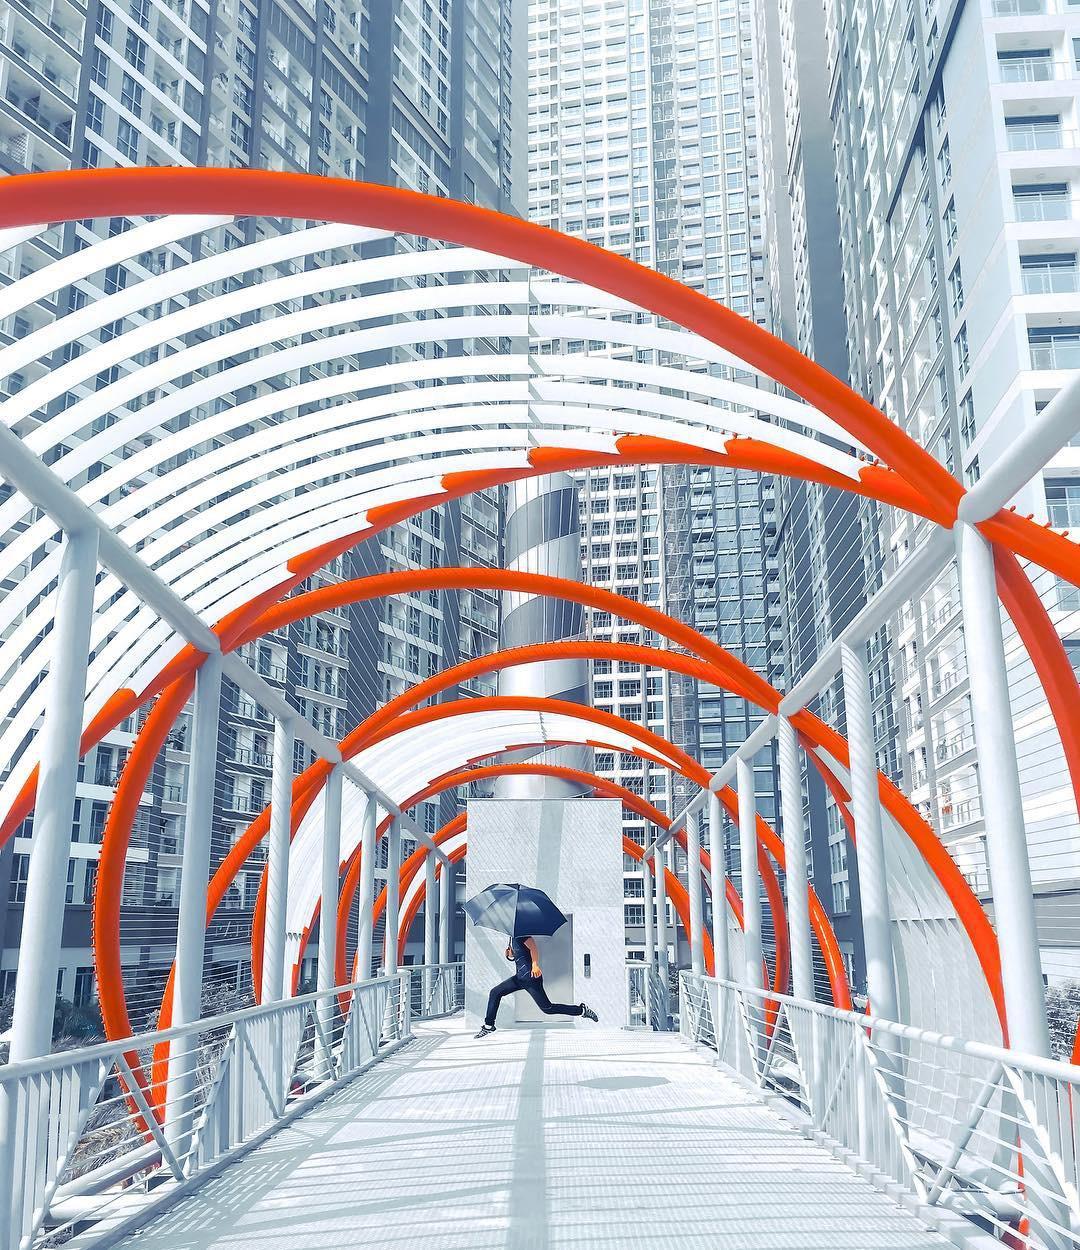 """""""Act cool đứng hình mất 5s"""" trước 8 cây cầu sống ảo đẹp nhất Việt Nam, bạn đã check-in hết chưa? - Ảnh 37."""